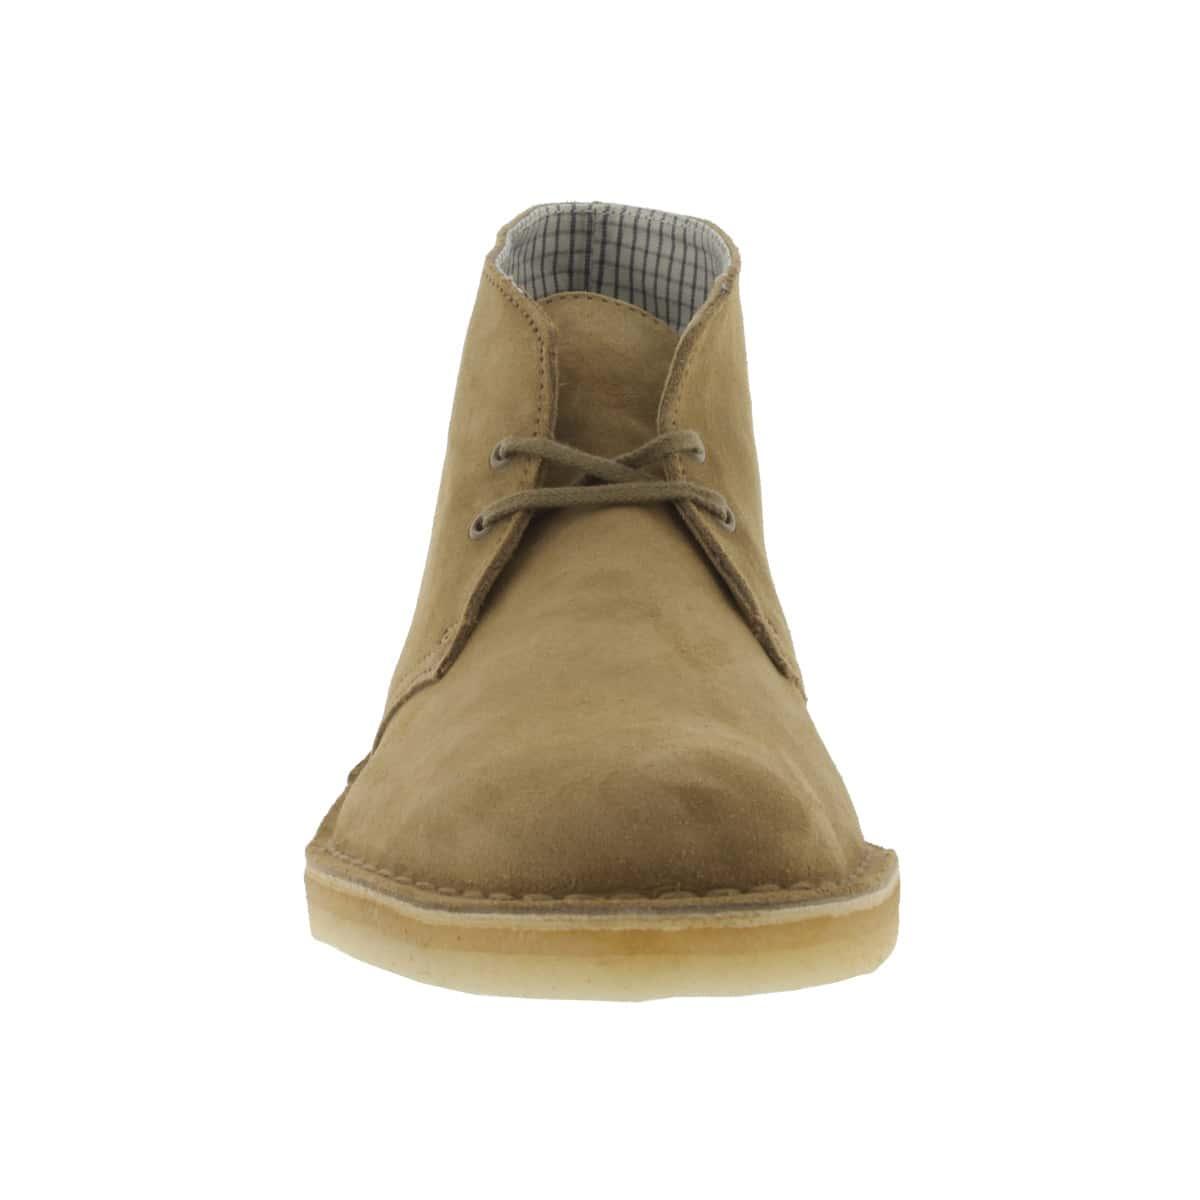 Mns Originals Desert Boot oakwood suede